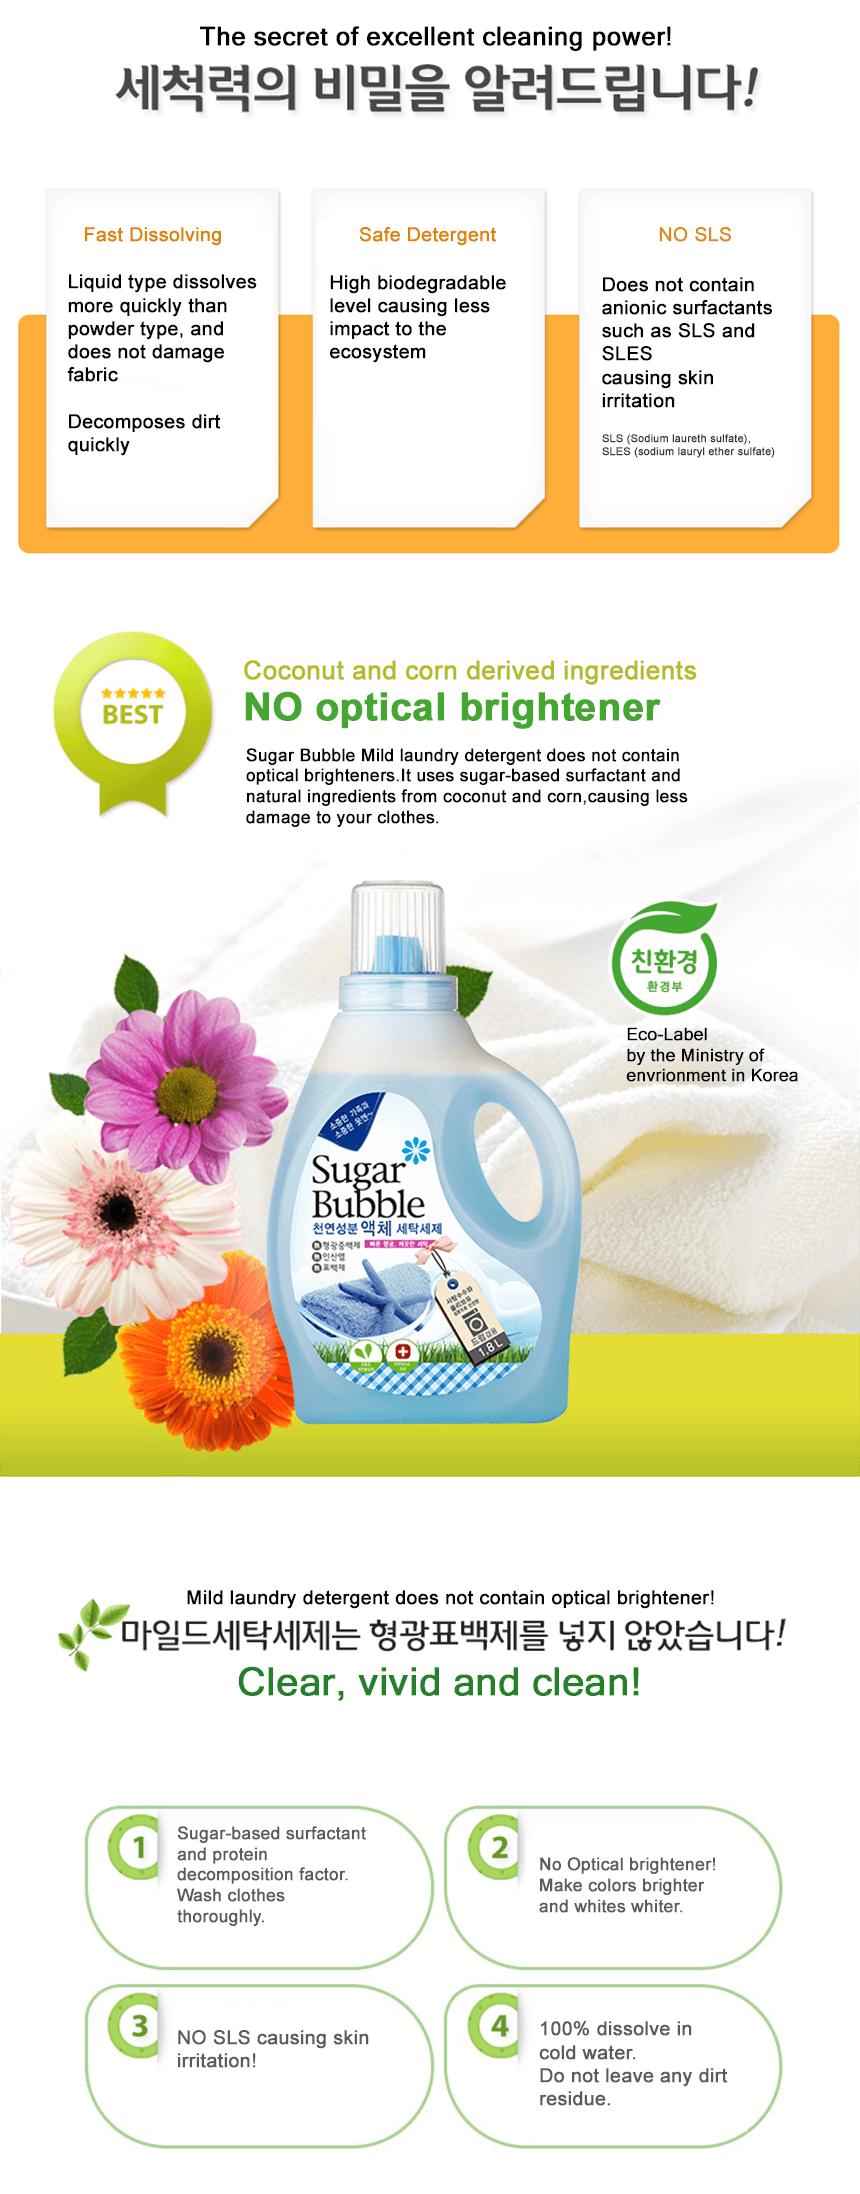 Sugar Bubble Mild Laundry Detergent 5